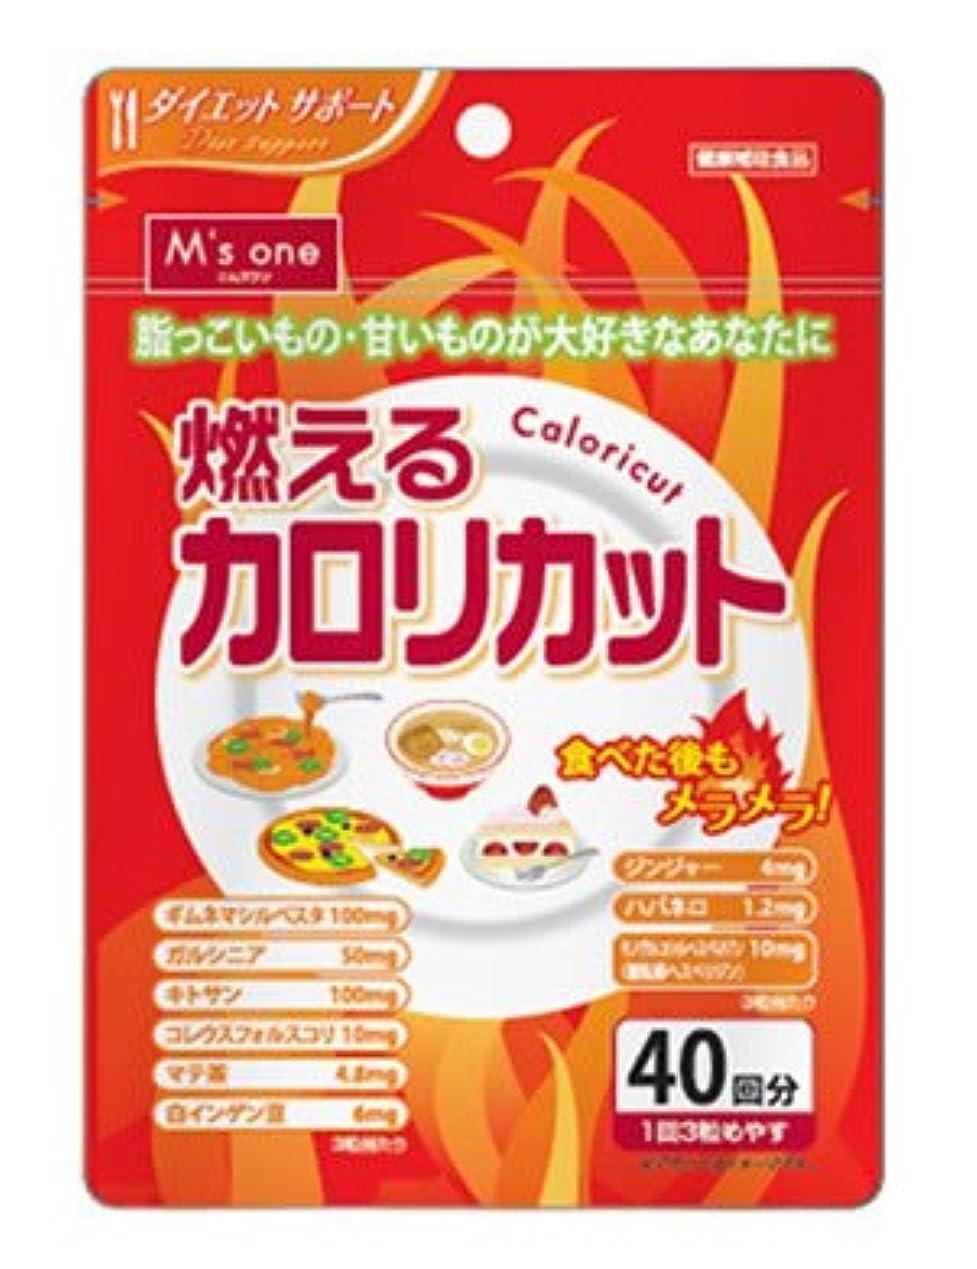 意味のある言うまでもなく引数エムズワン 燃えるカロリカット ダイエットサポート サプリメント 健康補助食品 (40回分)